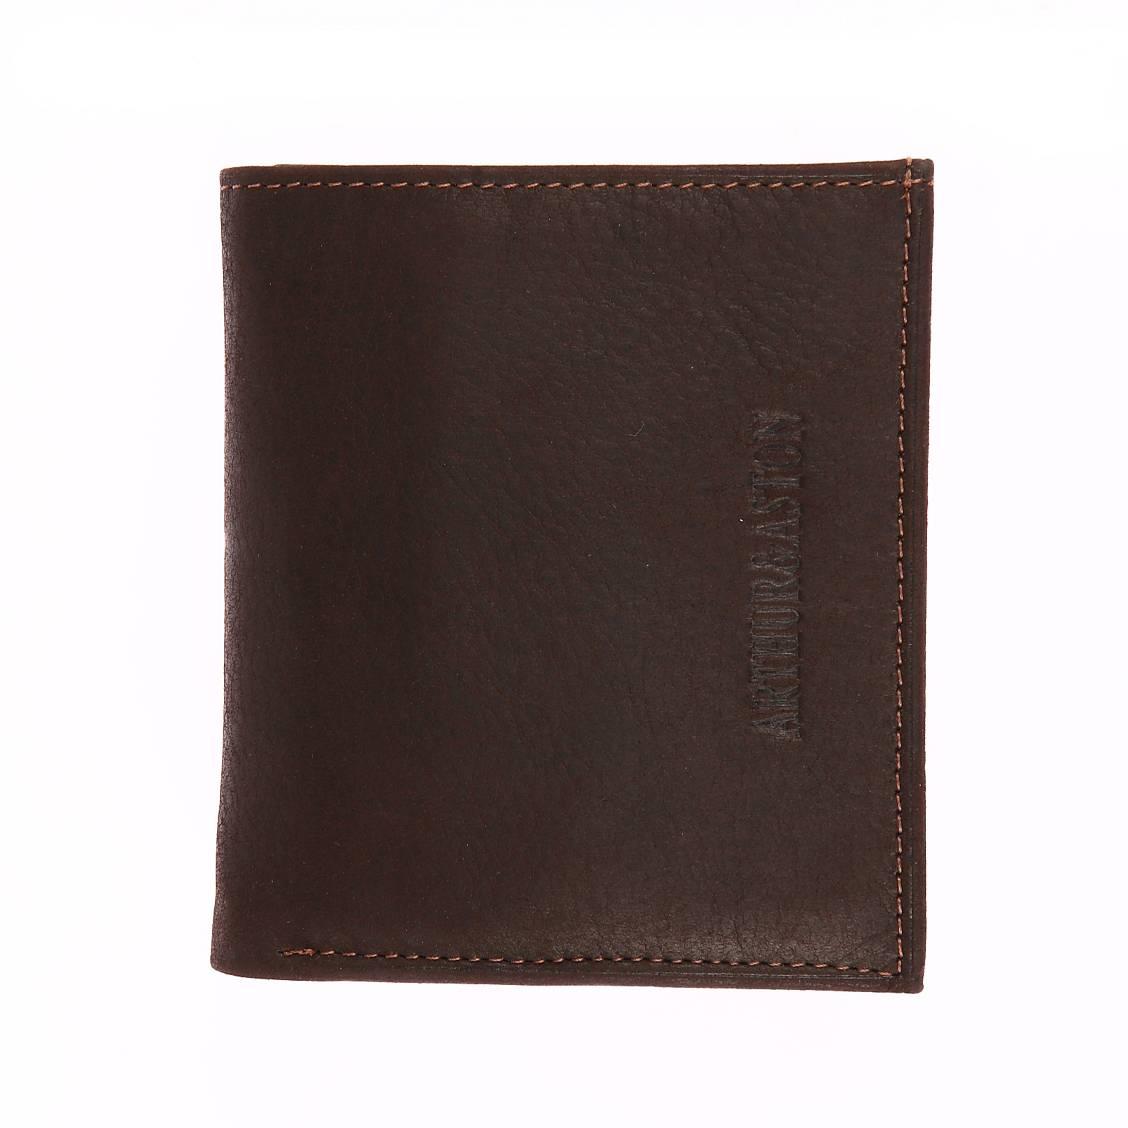 8957a9719359 Petit portefeuille européen 2 volets Arthur   Aston en cuir marron ...